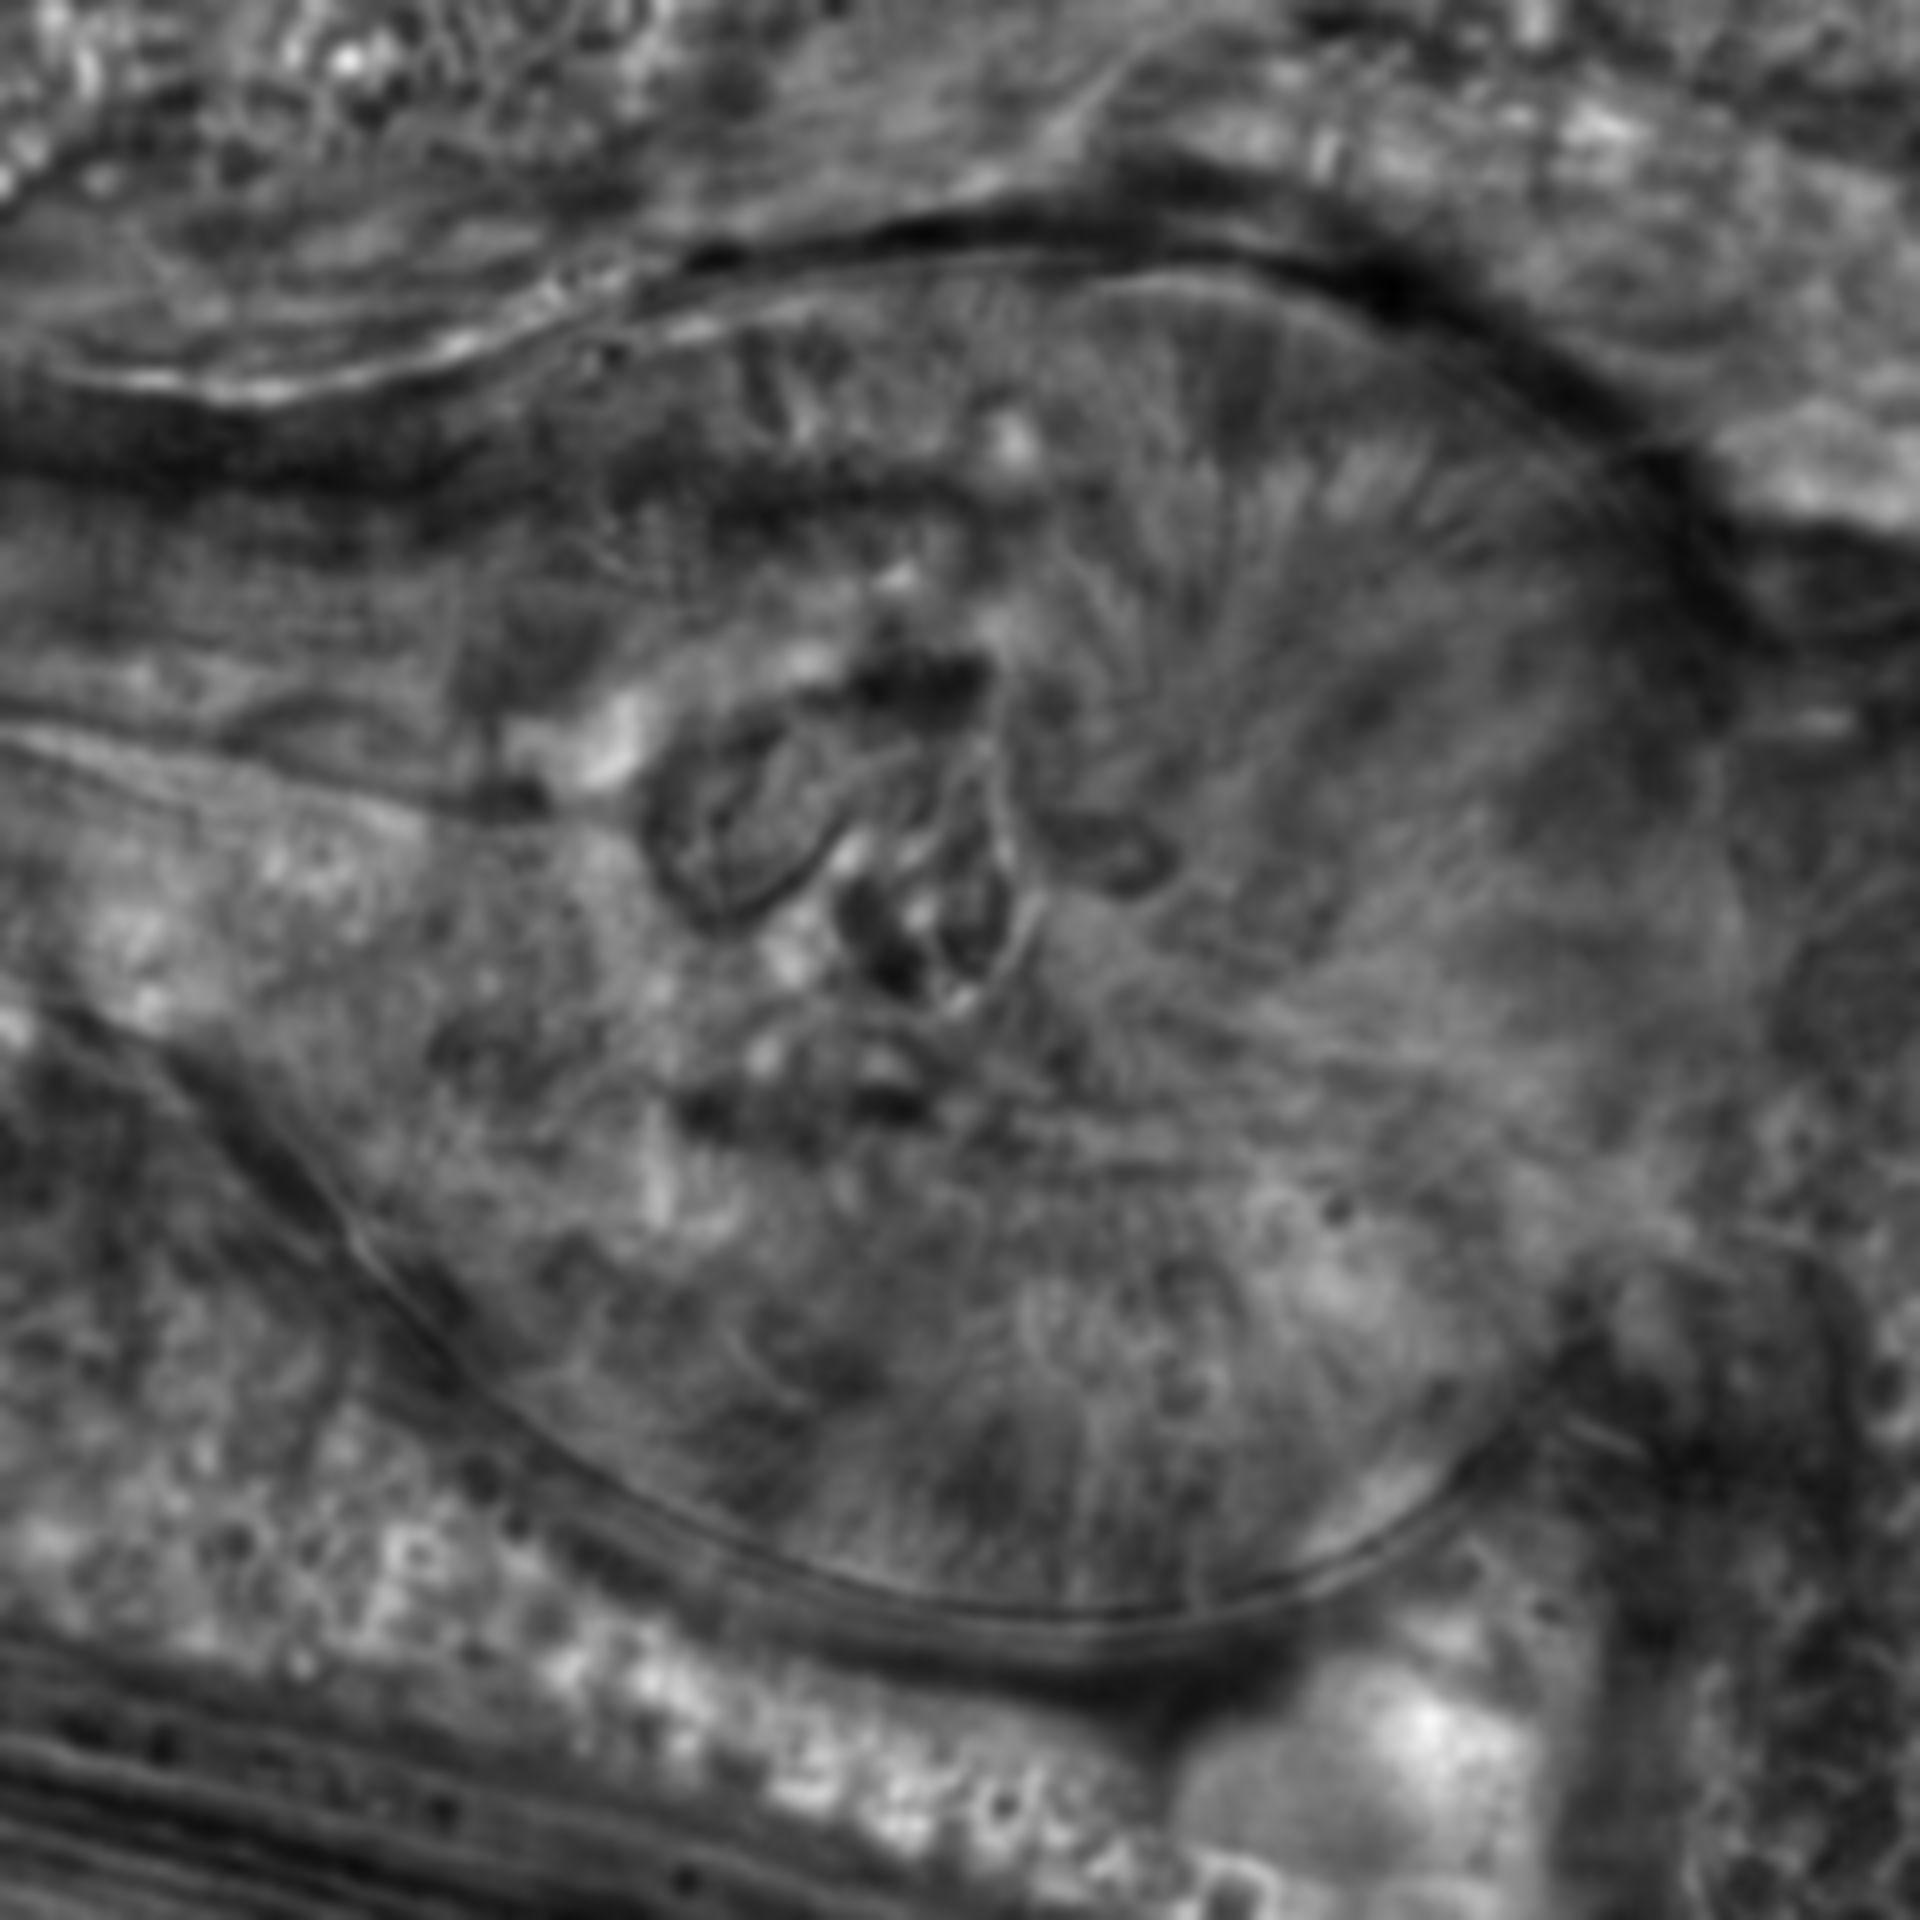 Caenorhabditis elegans - CIL:2171